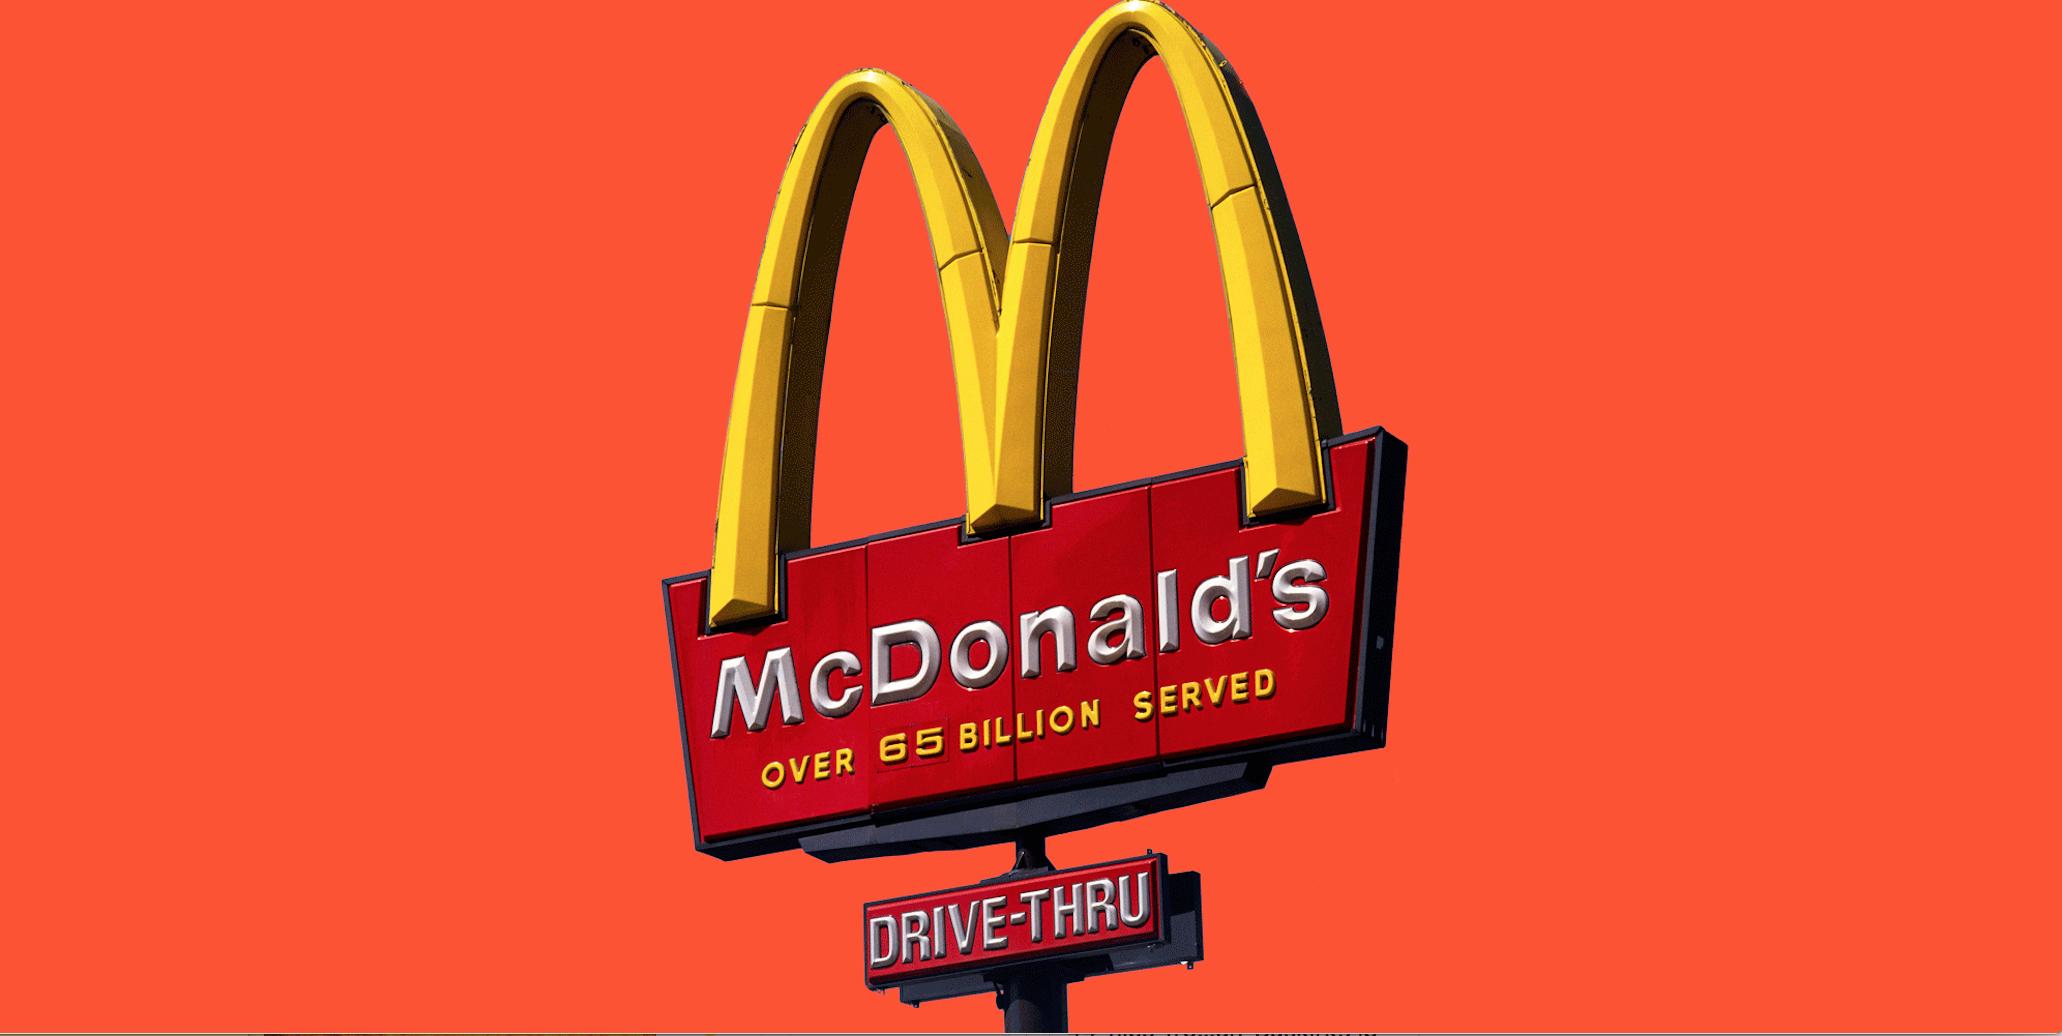 McDonald's Secret Menu - McDonald's Menu Hacks